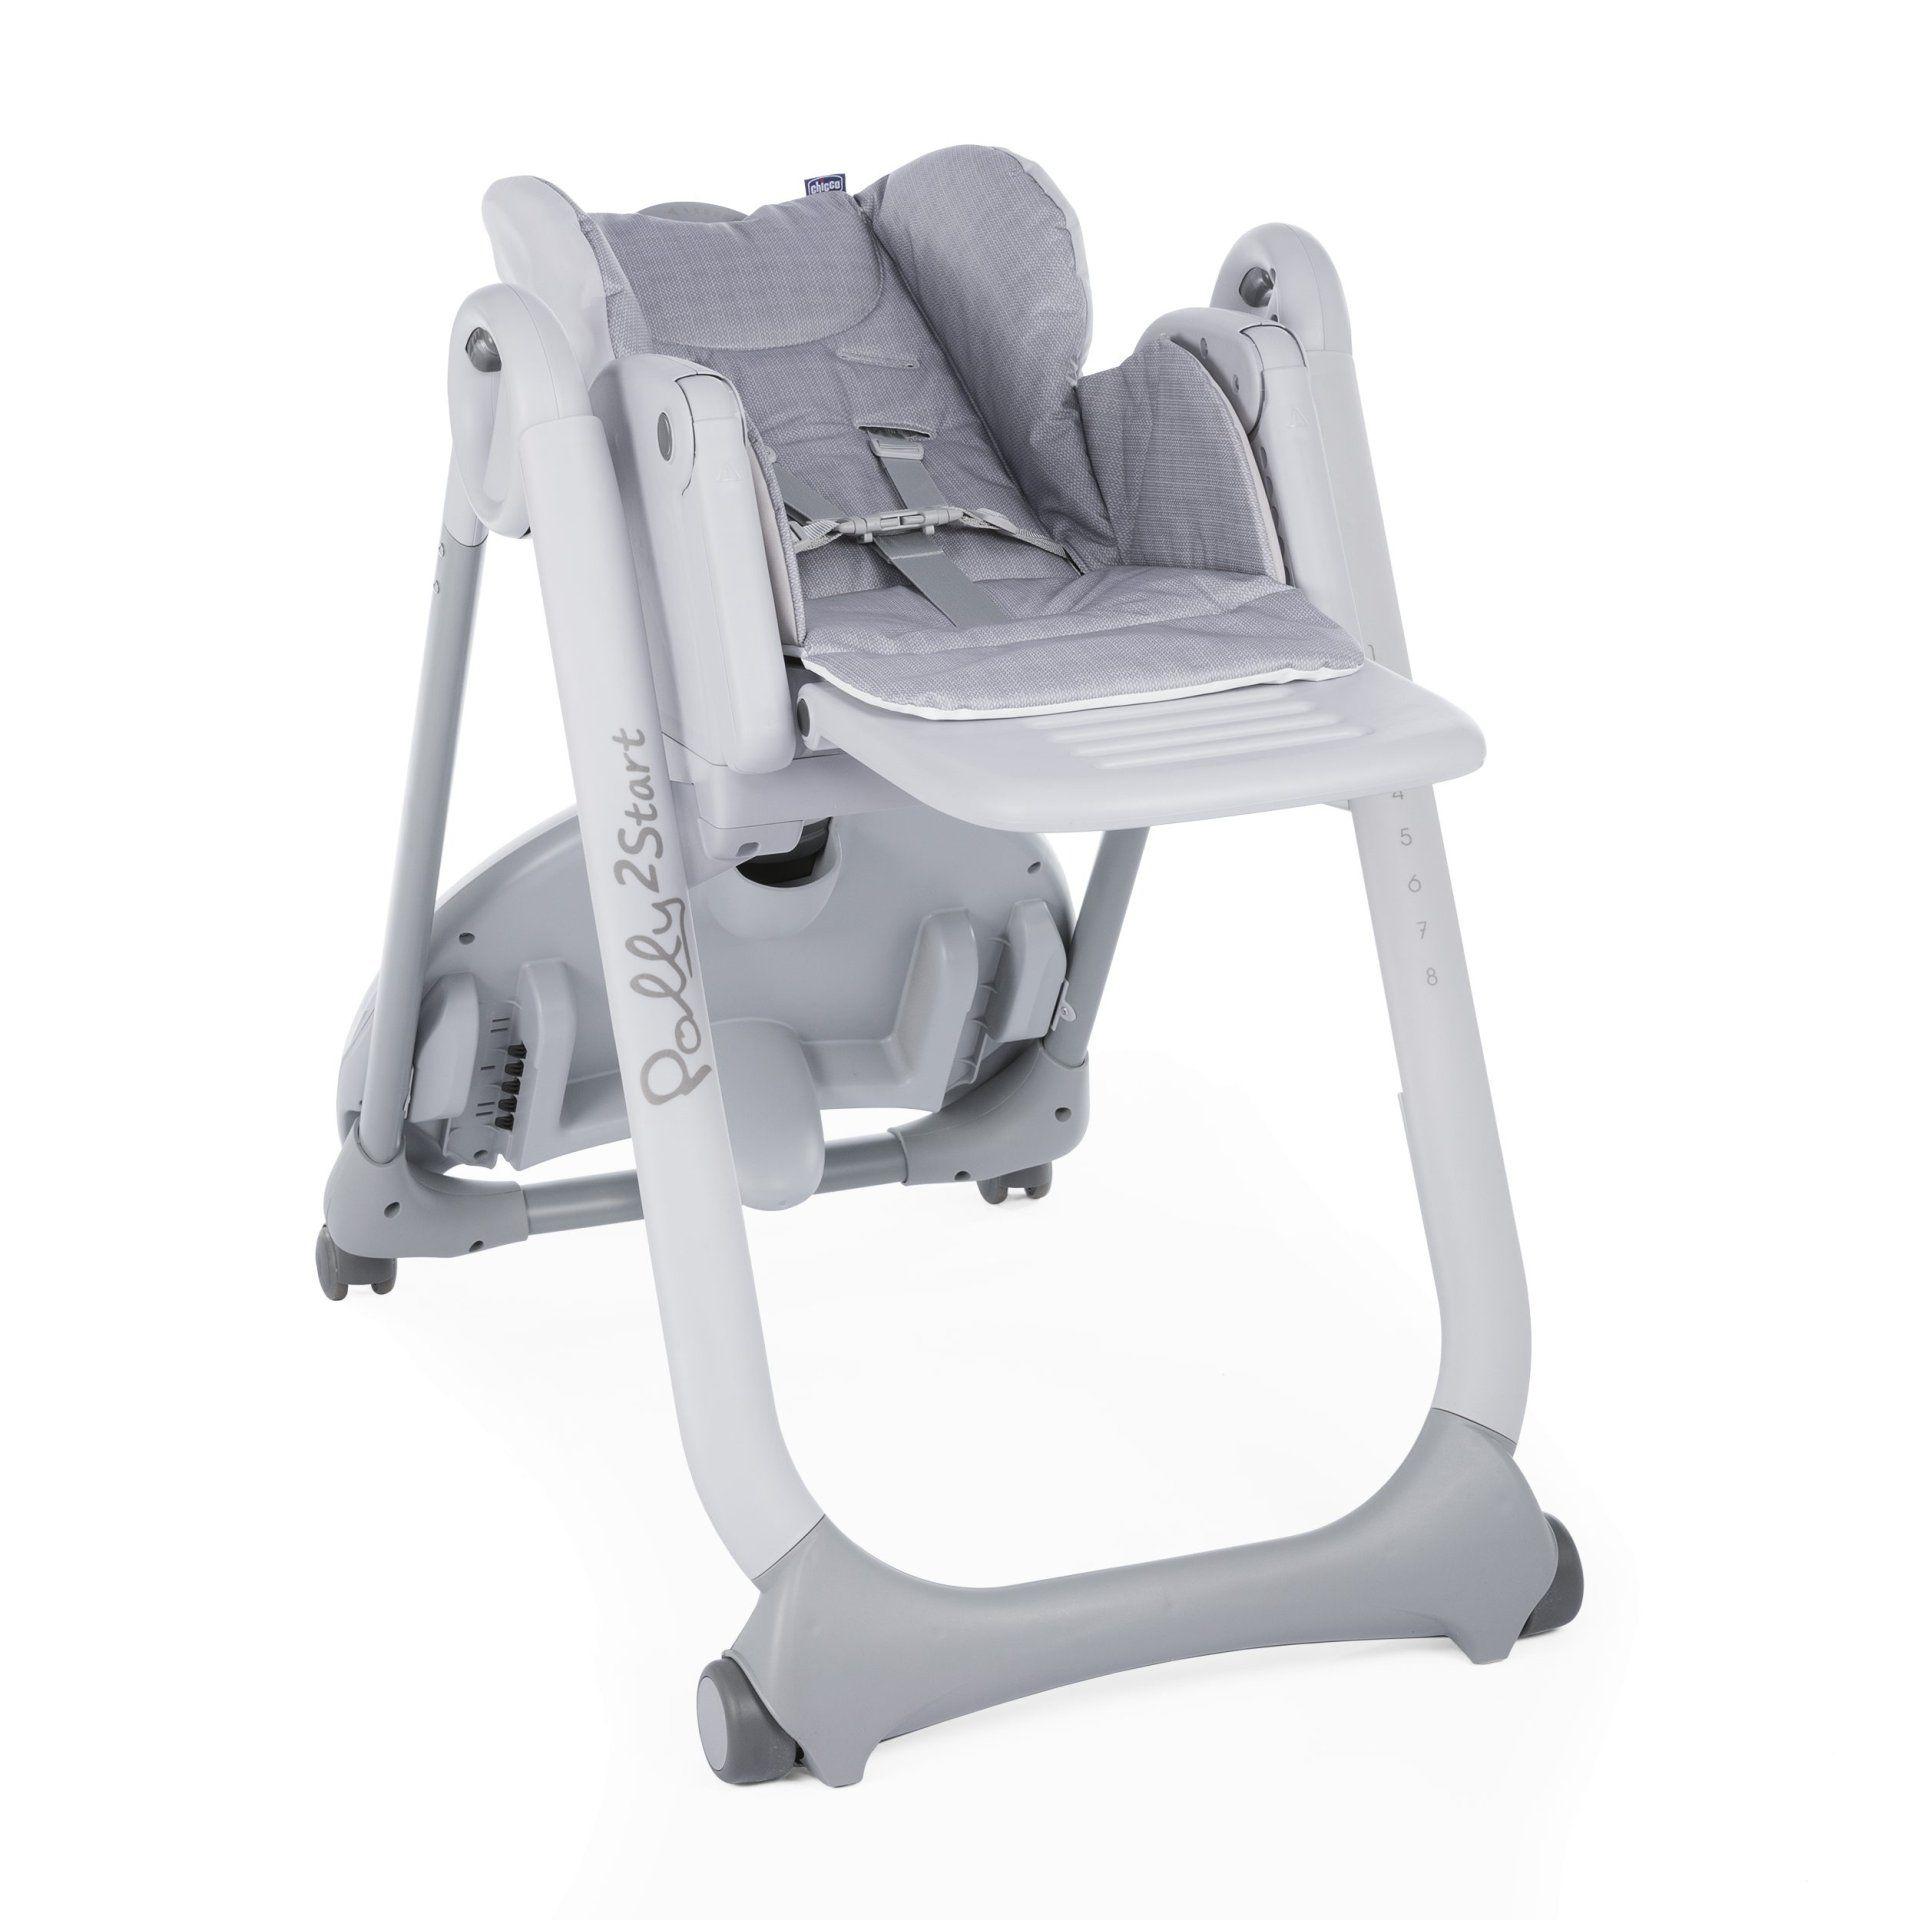 Cadeira Alimentação Polly2start Happy Silver - Chicco